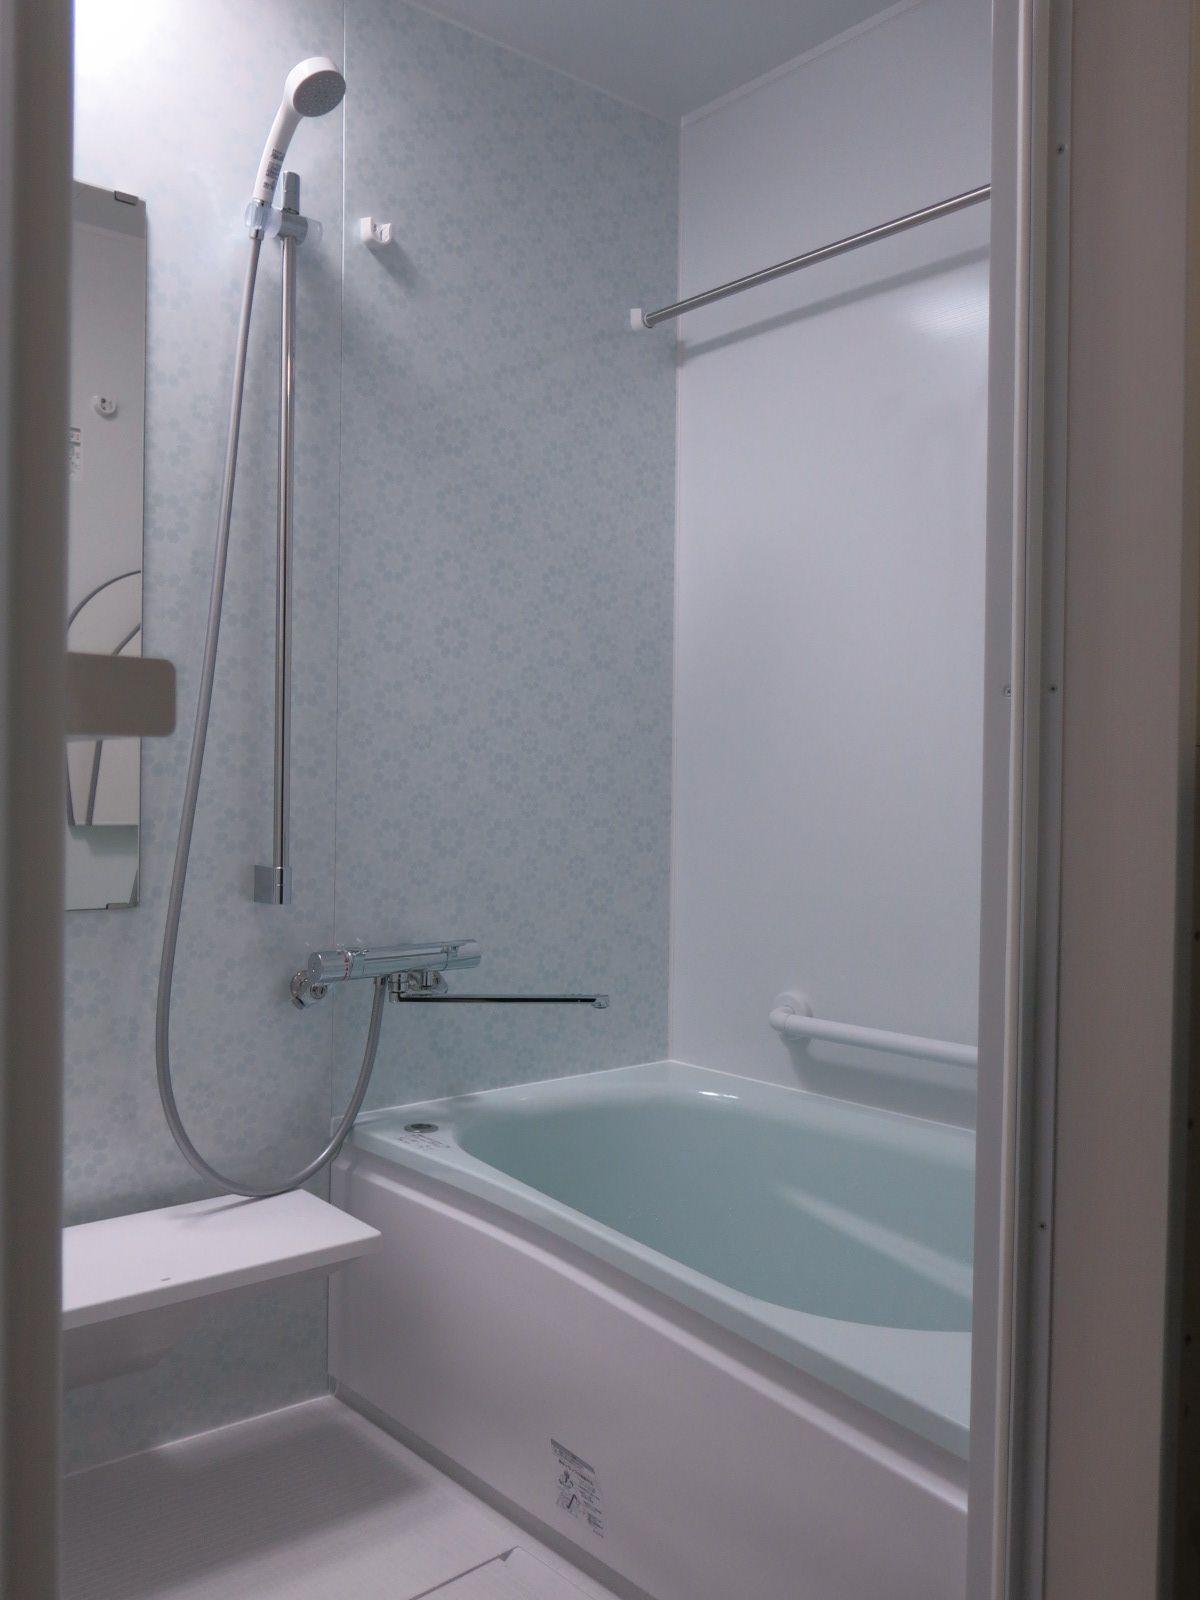 ユニットバス 浴室 洗面化粧台 Toto サザナ 総建装 お風呂の水栓